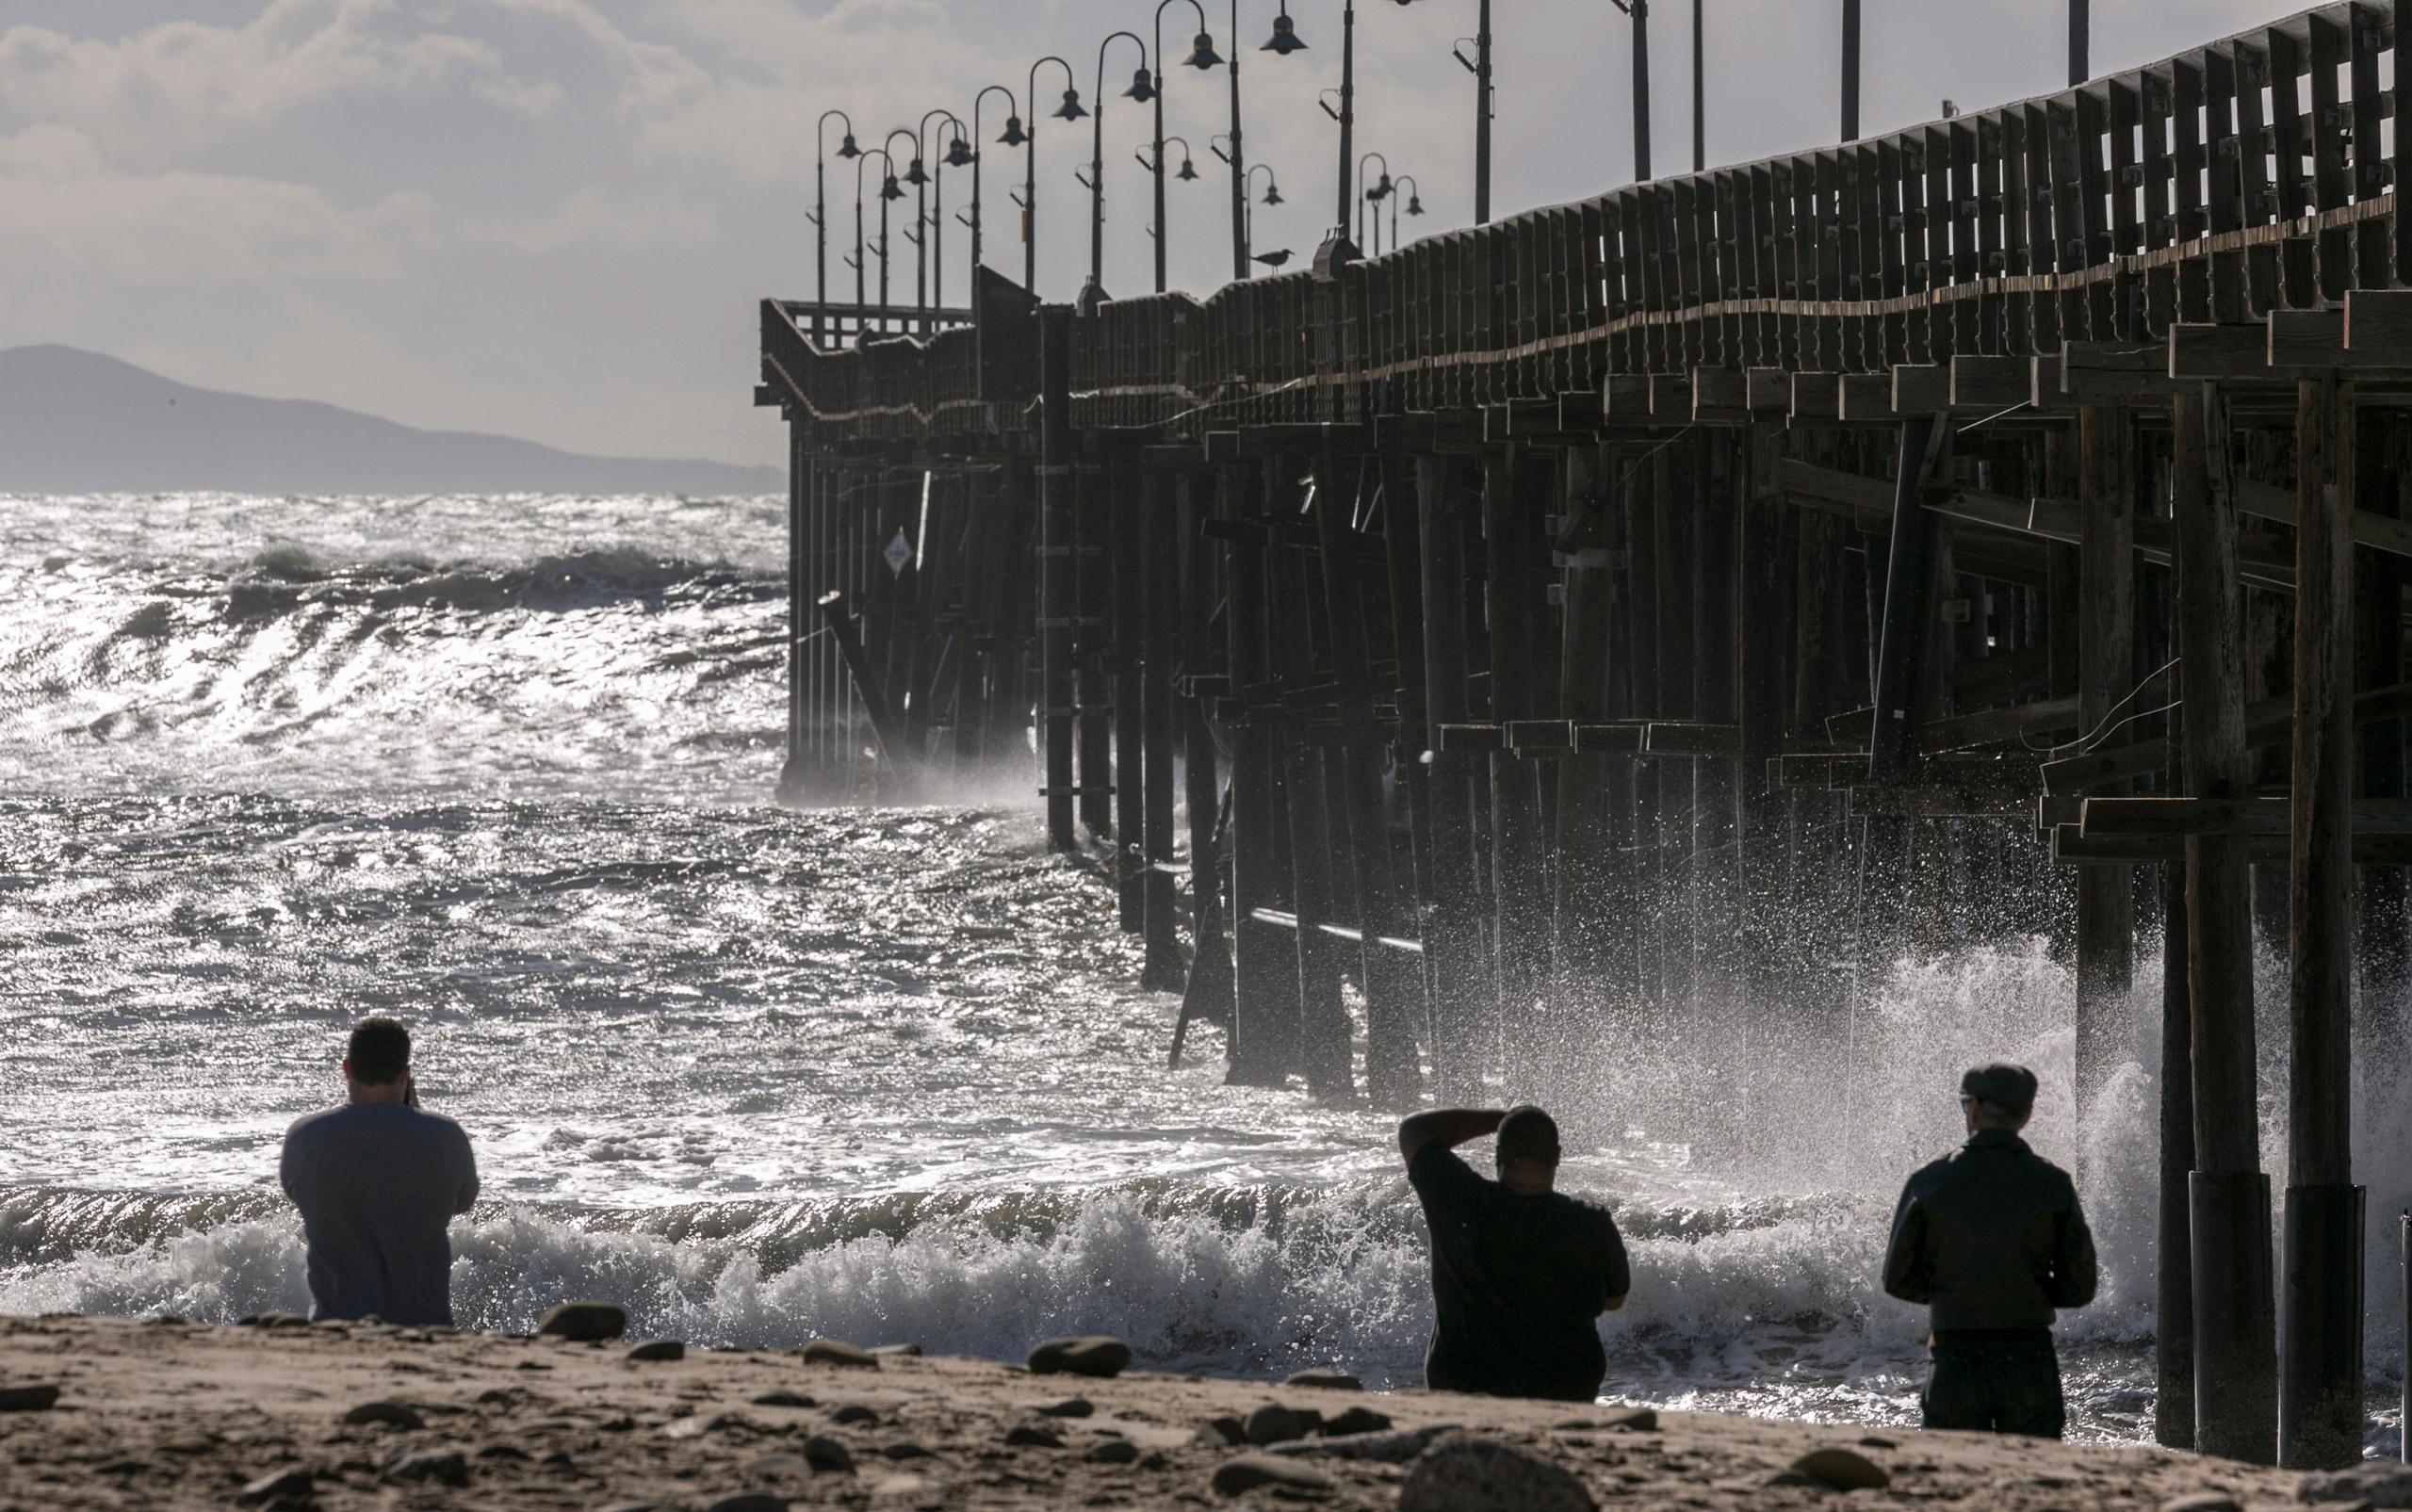 Rough seas surge over the Ventura Pier in Ventura, Calif., on Dec. 11, 2015.